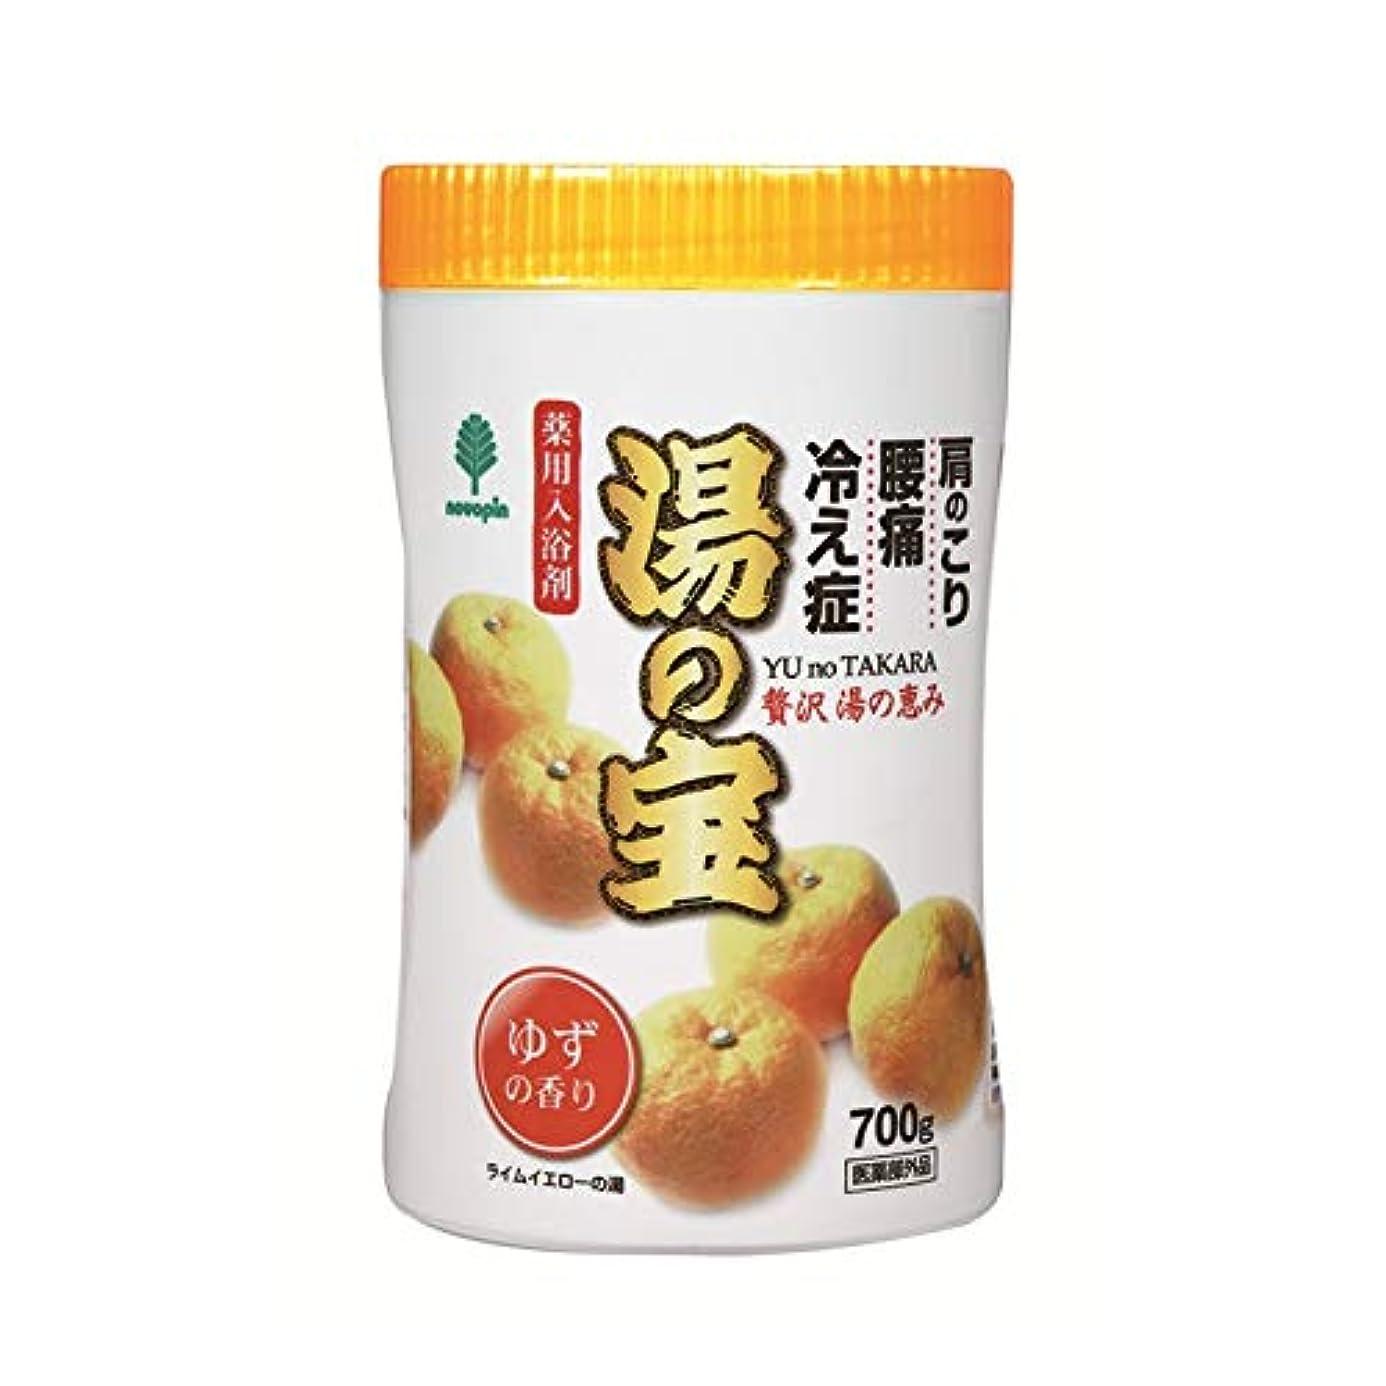 スキャン改善月曜紀陽除虫菊 湯の宝 ゆずの香り (丸ボトル) 700g【まとめ買い15個セット】 N-0065